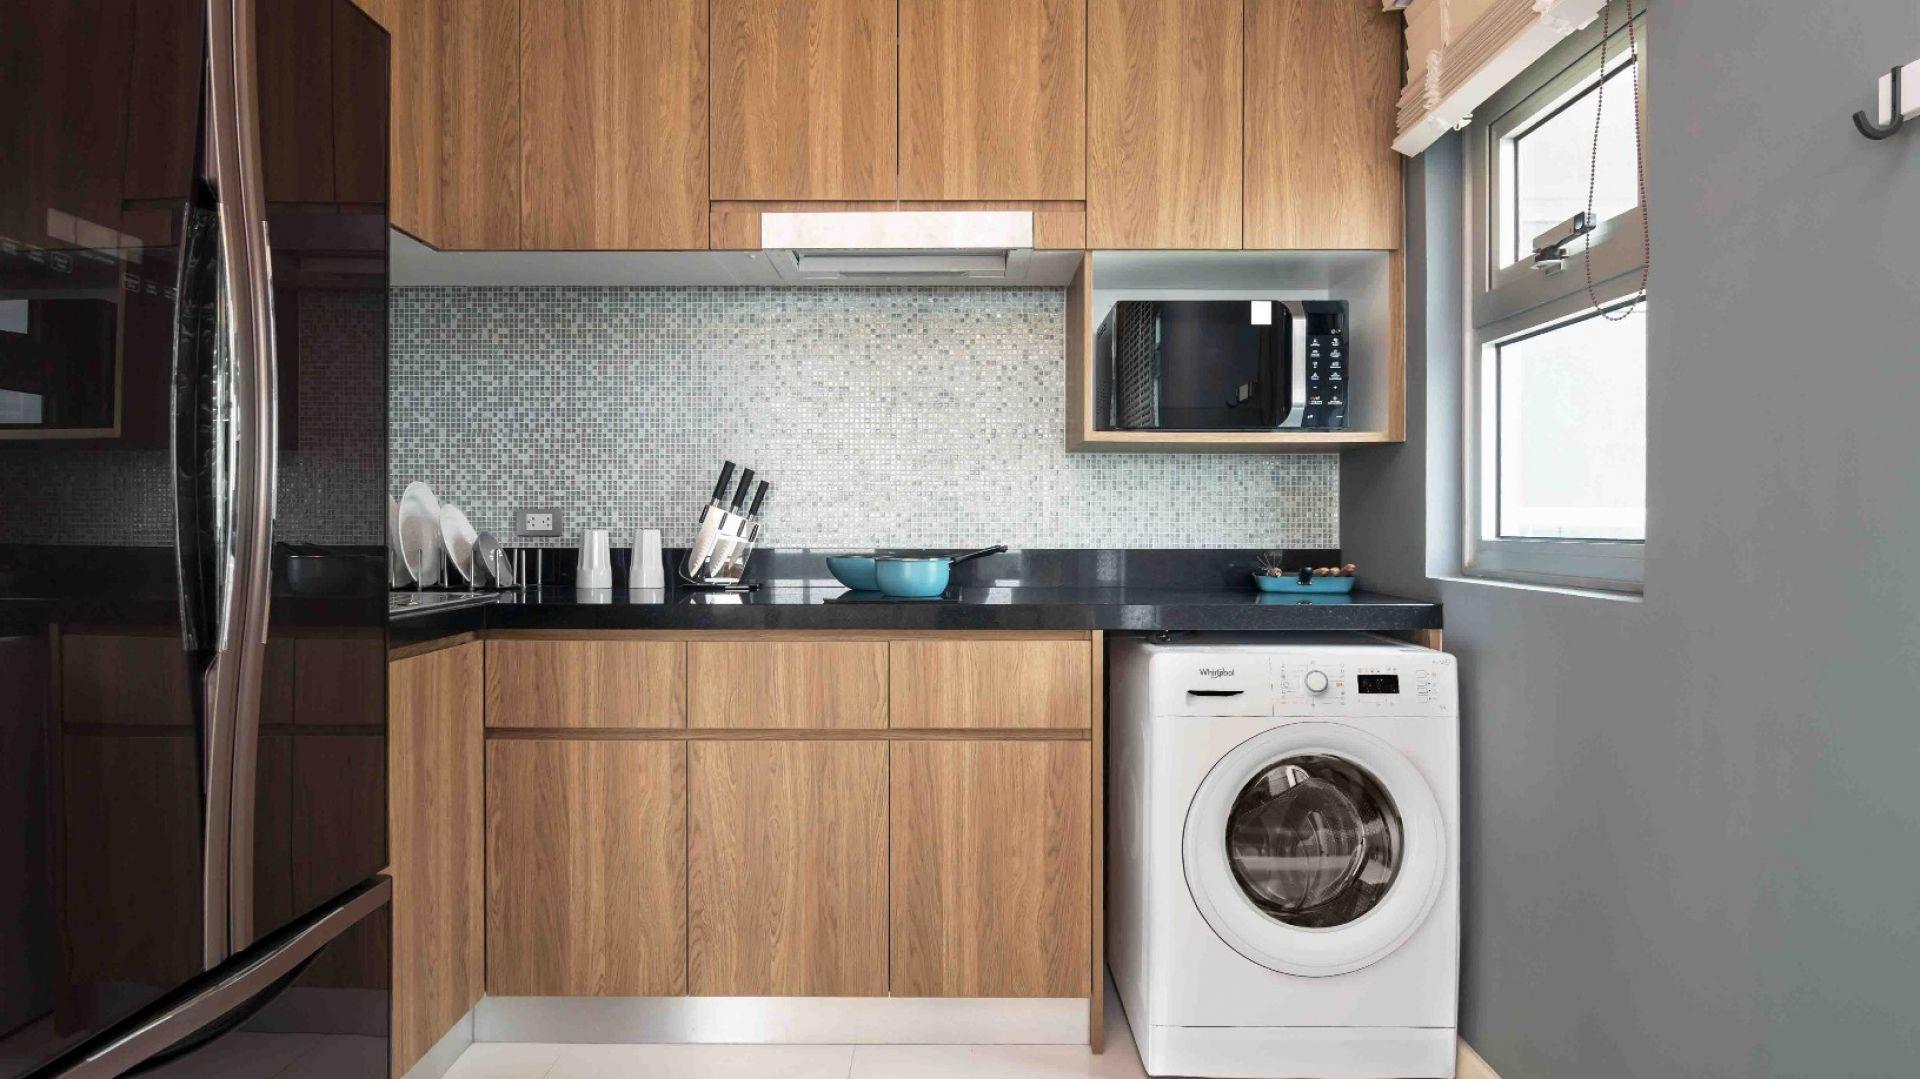 Pralka W Kuchni Czy To Dobre Rozwiazanie In 2021 Medium Kitchen Small Kitchen Layouts Kitchen Layout